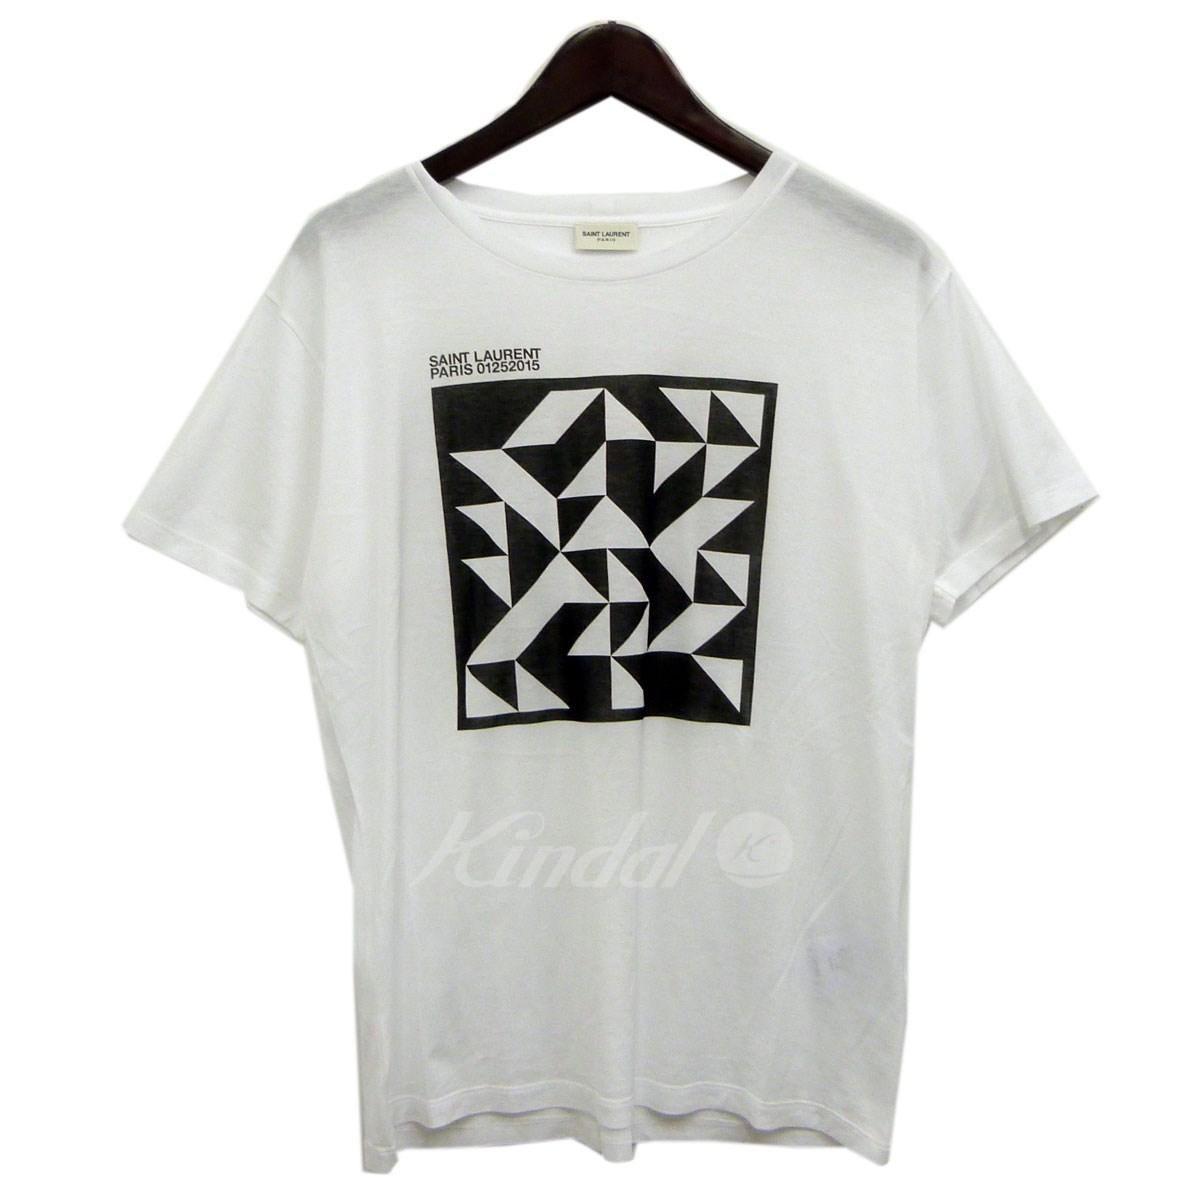 【中古】SAINT LAURENT PARIS 15AWジオメトリックTシャツ ホワイト サイズ:M 【送料無料】 【231018】(サンローランパリ)